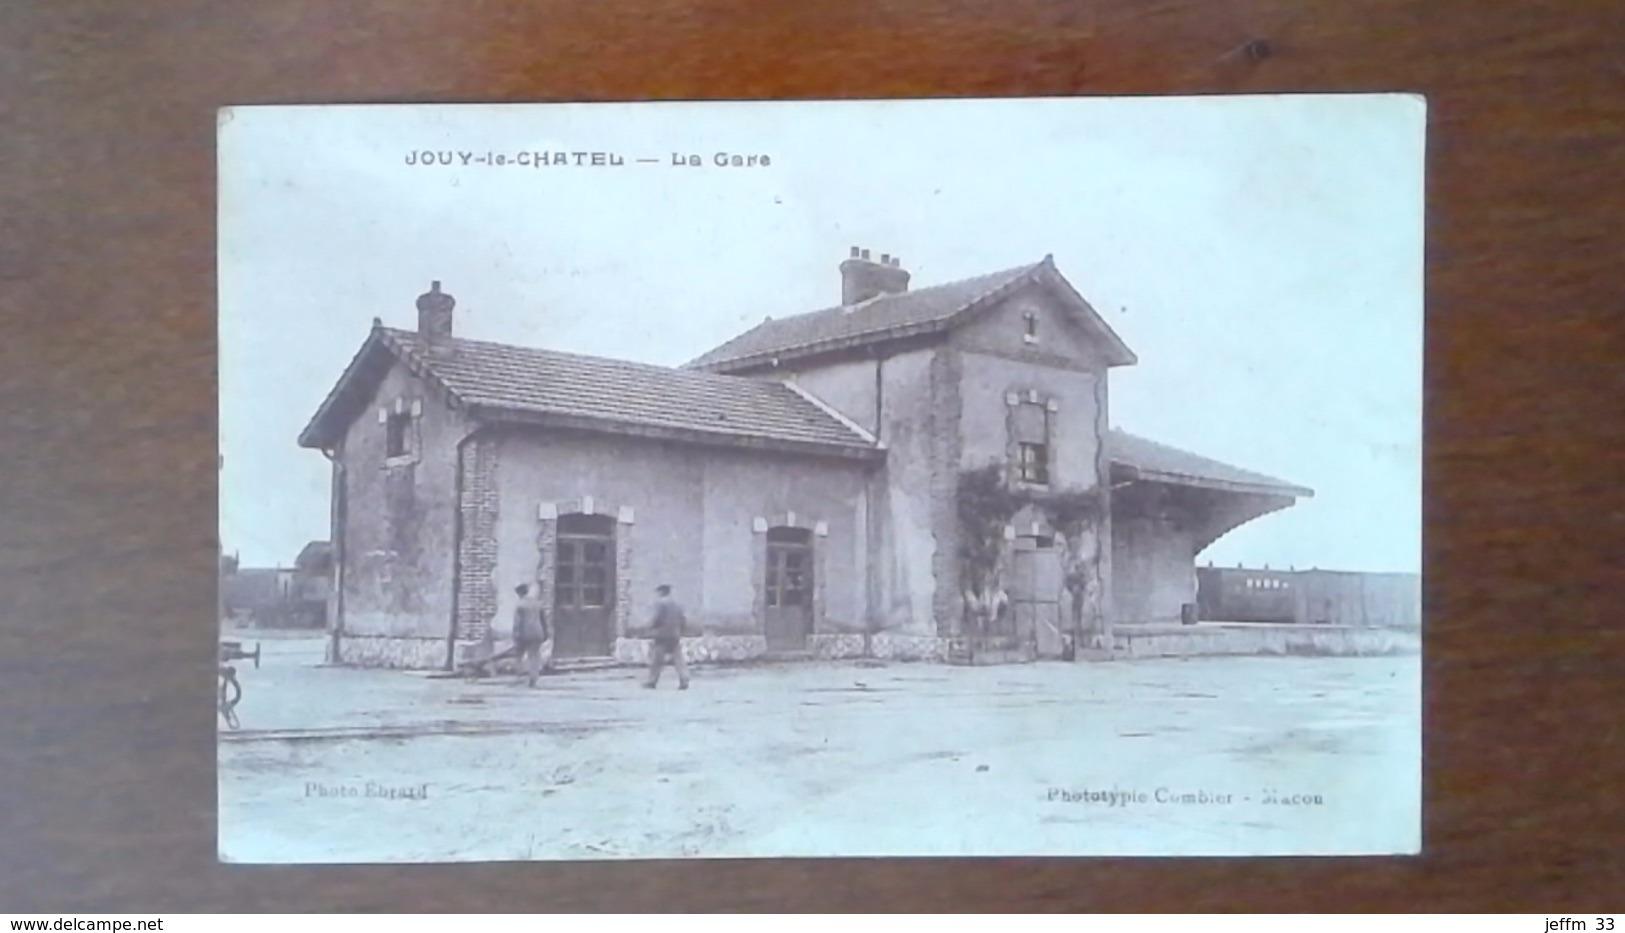 CARTE POSTALE ANCIENNE - SEINE ET MARNE 77 - JOUY LE CHATEL - LA GARE - ANIMEE - Autres Communes